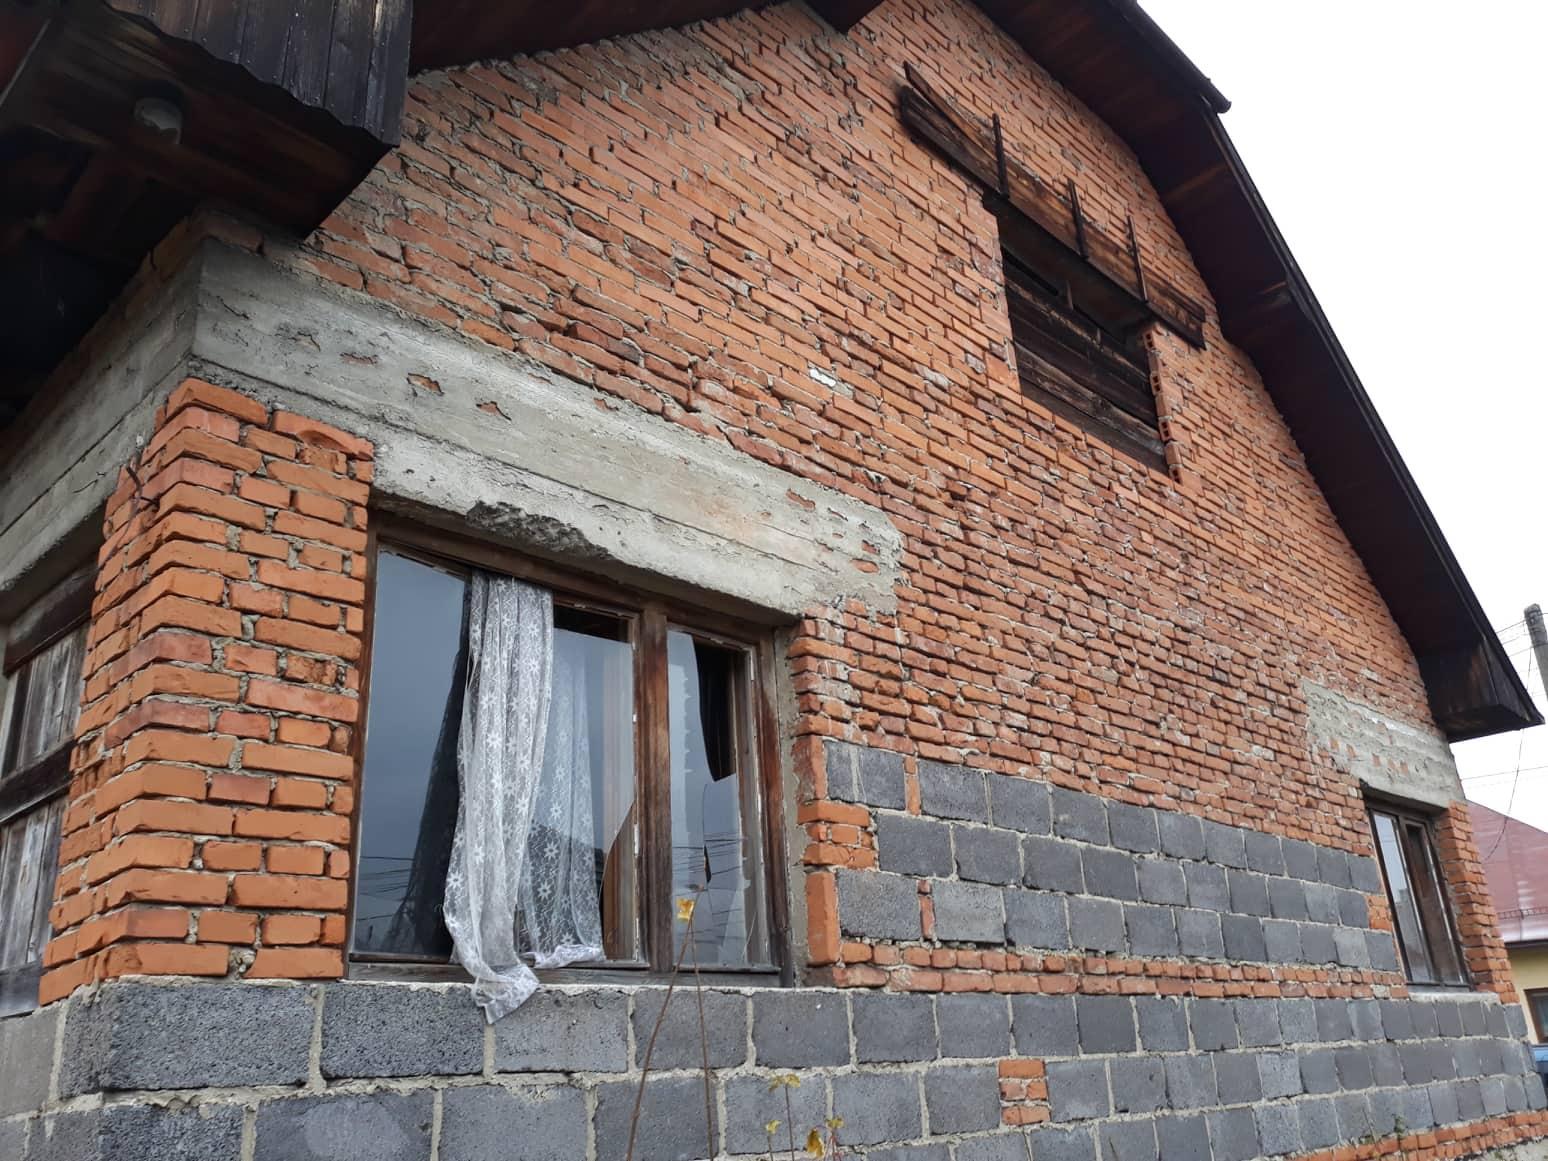 Rekonštrukcia domu-alebo chceme si splniť sen =》🏠🌻🌼🐶  mat domcek a vratit sa na Slovensko - Obrázok č. 10